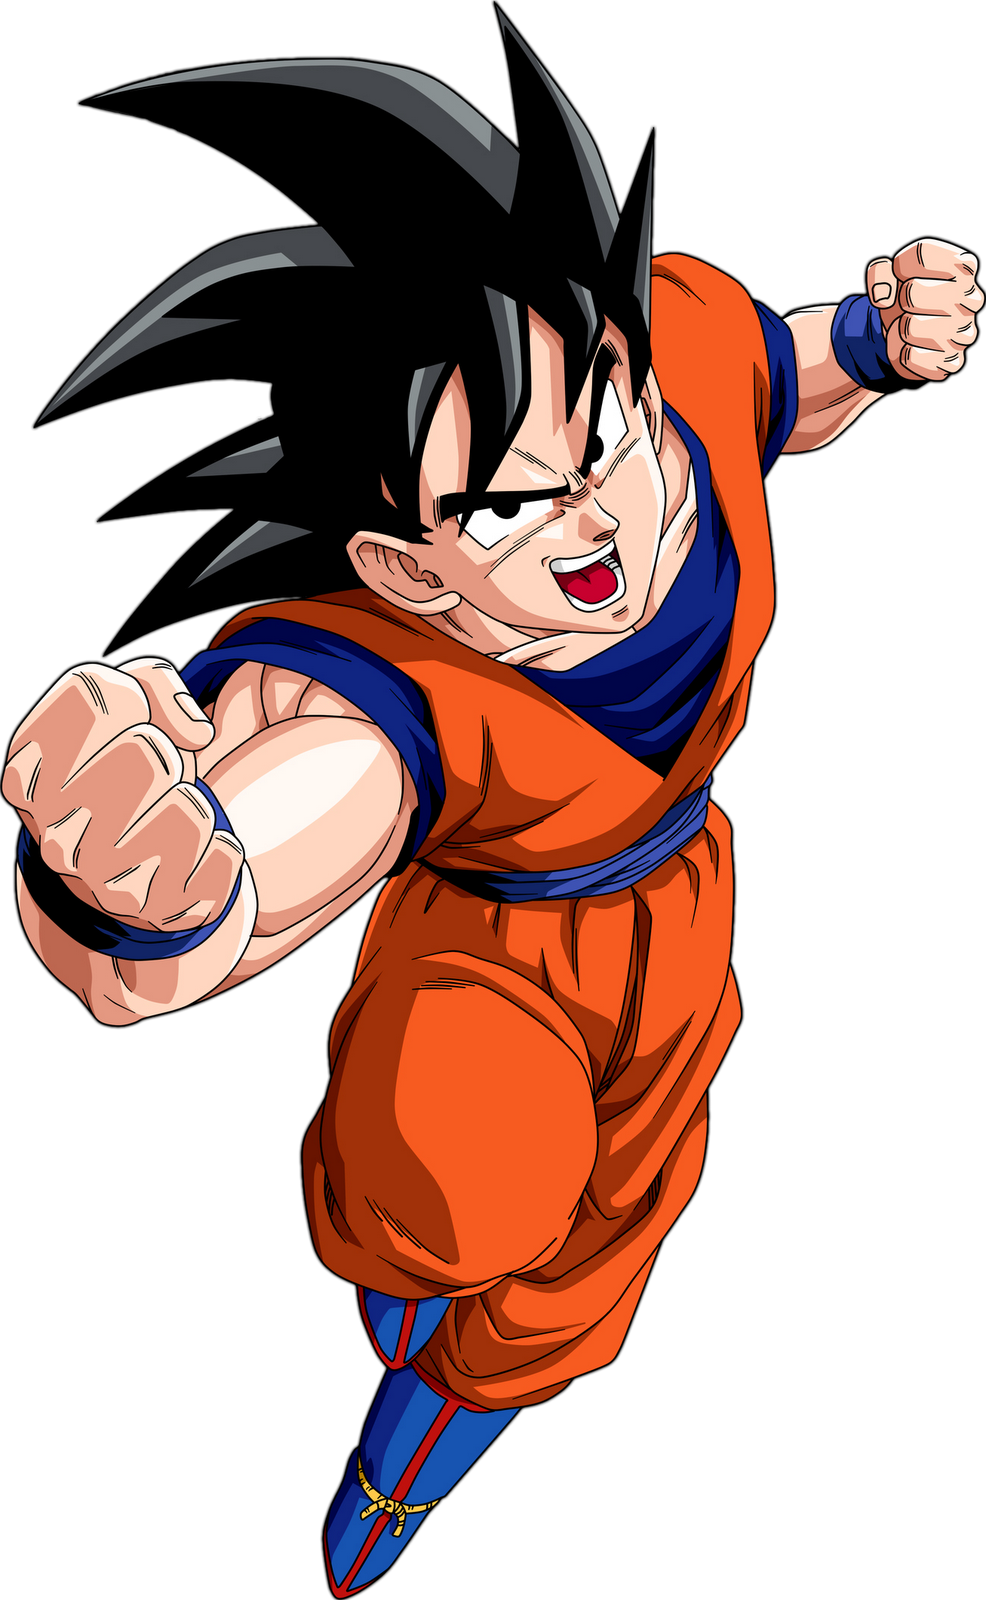 Goku   Protagonists Wiki   FANDOM powered by Wikia